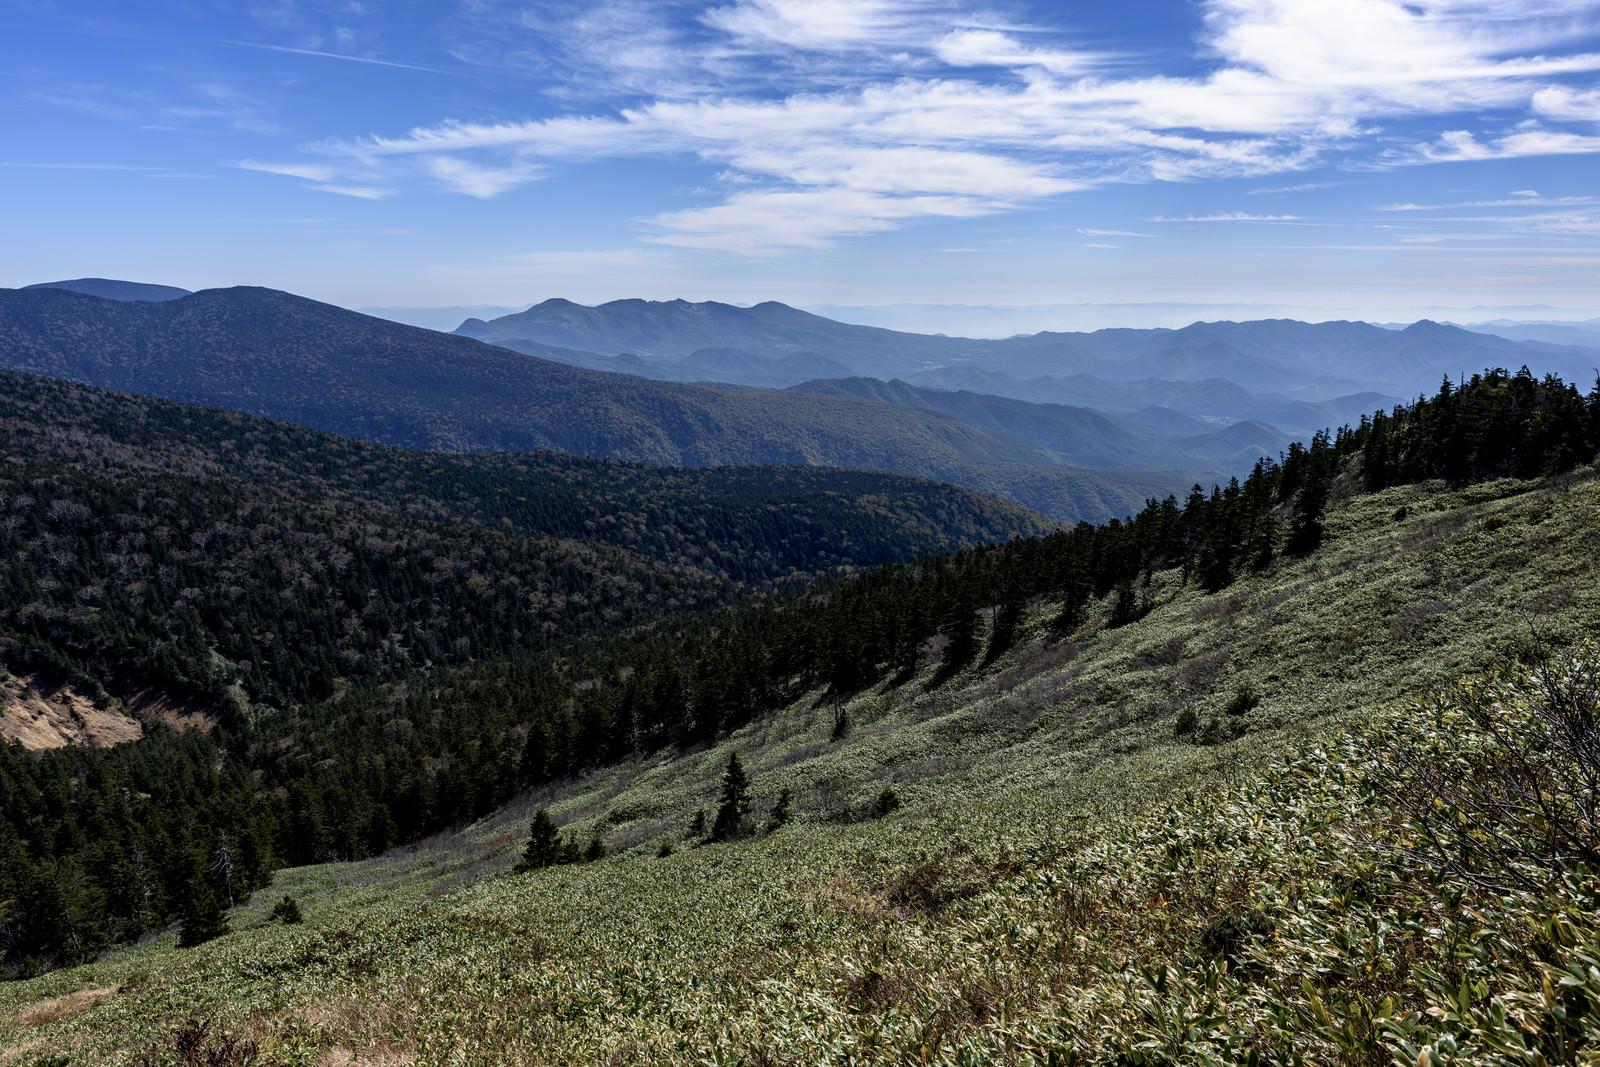 「西大巓直下の笹原と吾妻の山々」の写真